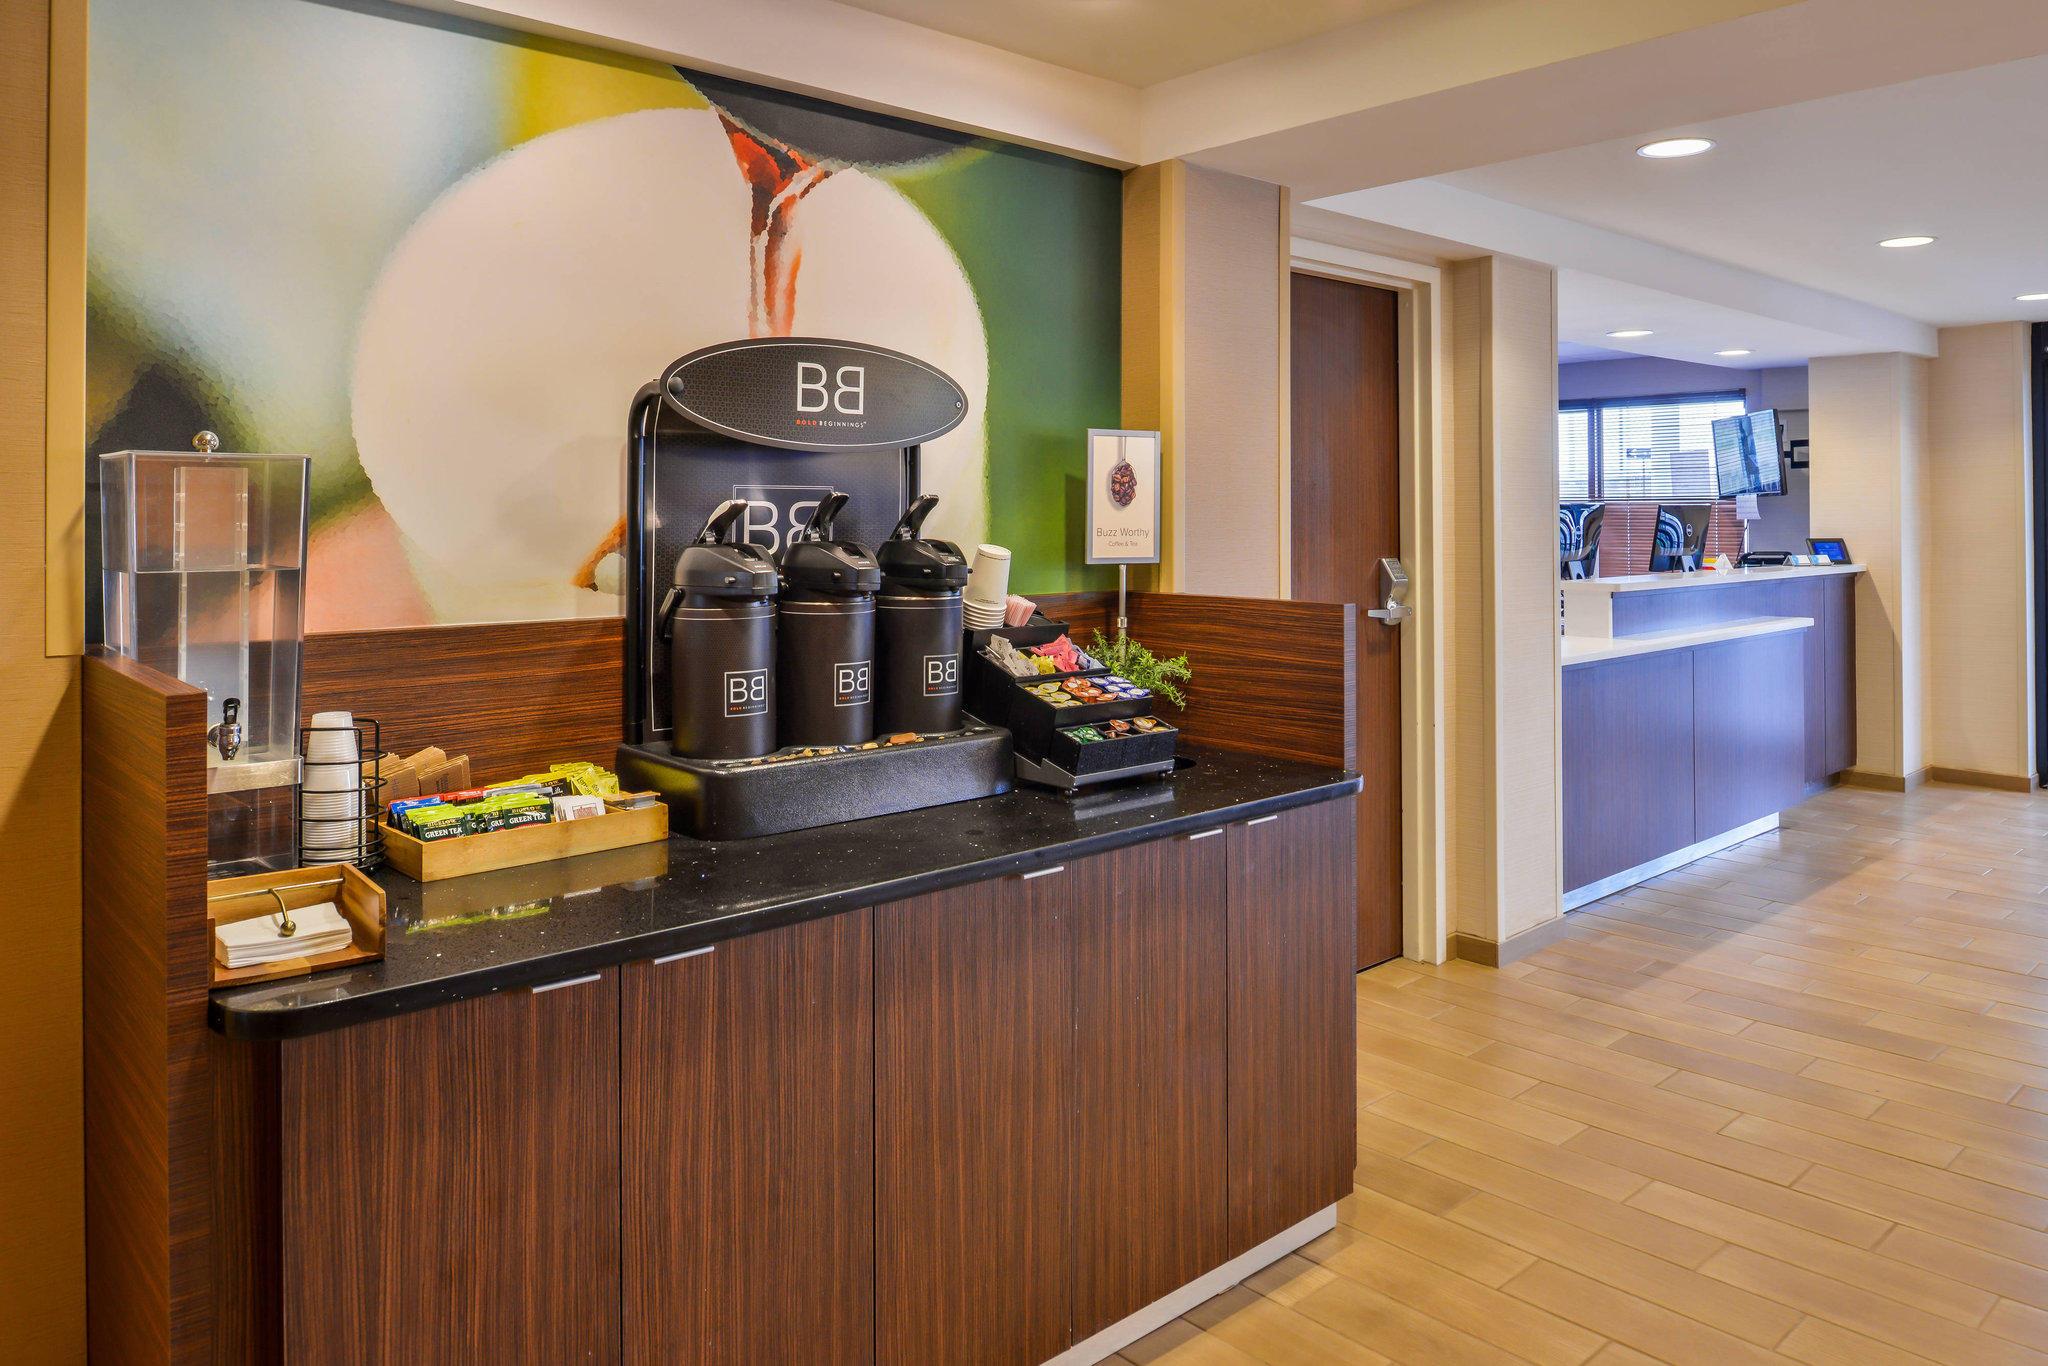 Fairfield Inn by Marriott Rochester Airport